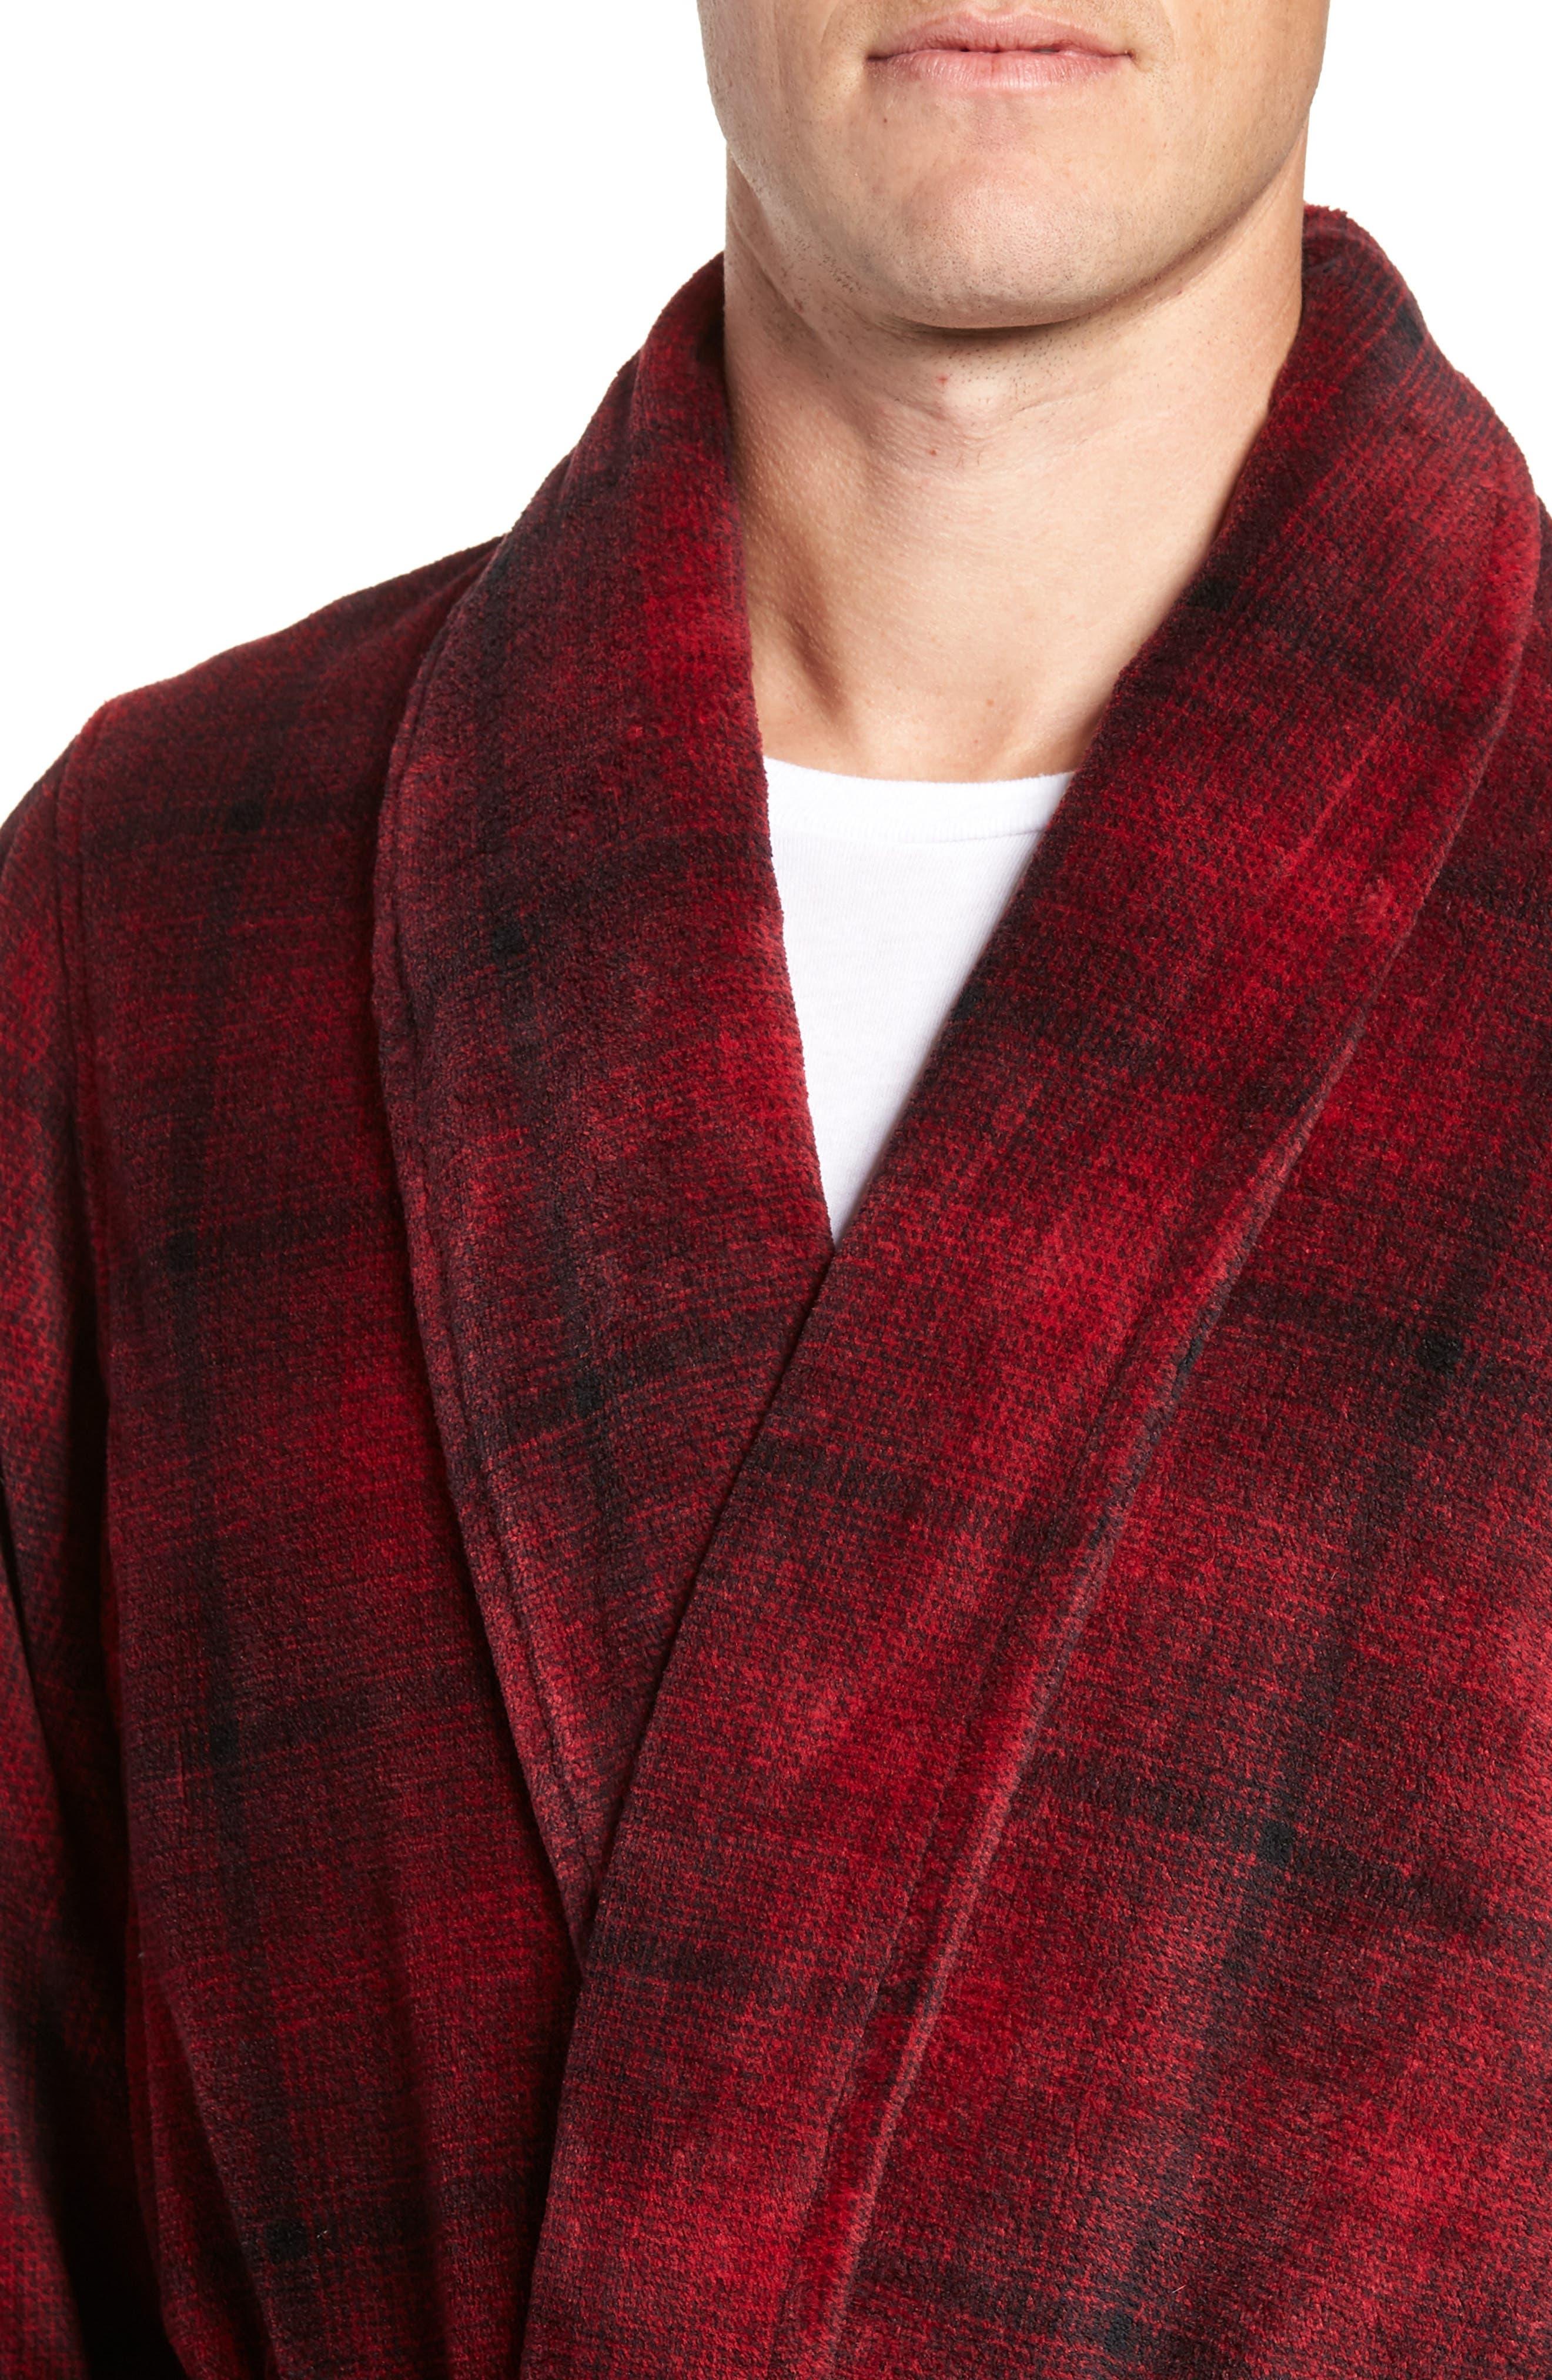 Ombré Plaid Fleece Robe,                             Alternate thumbnail 4, color,                             RED JESTER- BLACK OMBRE PLAID